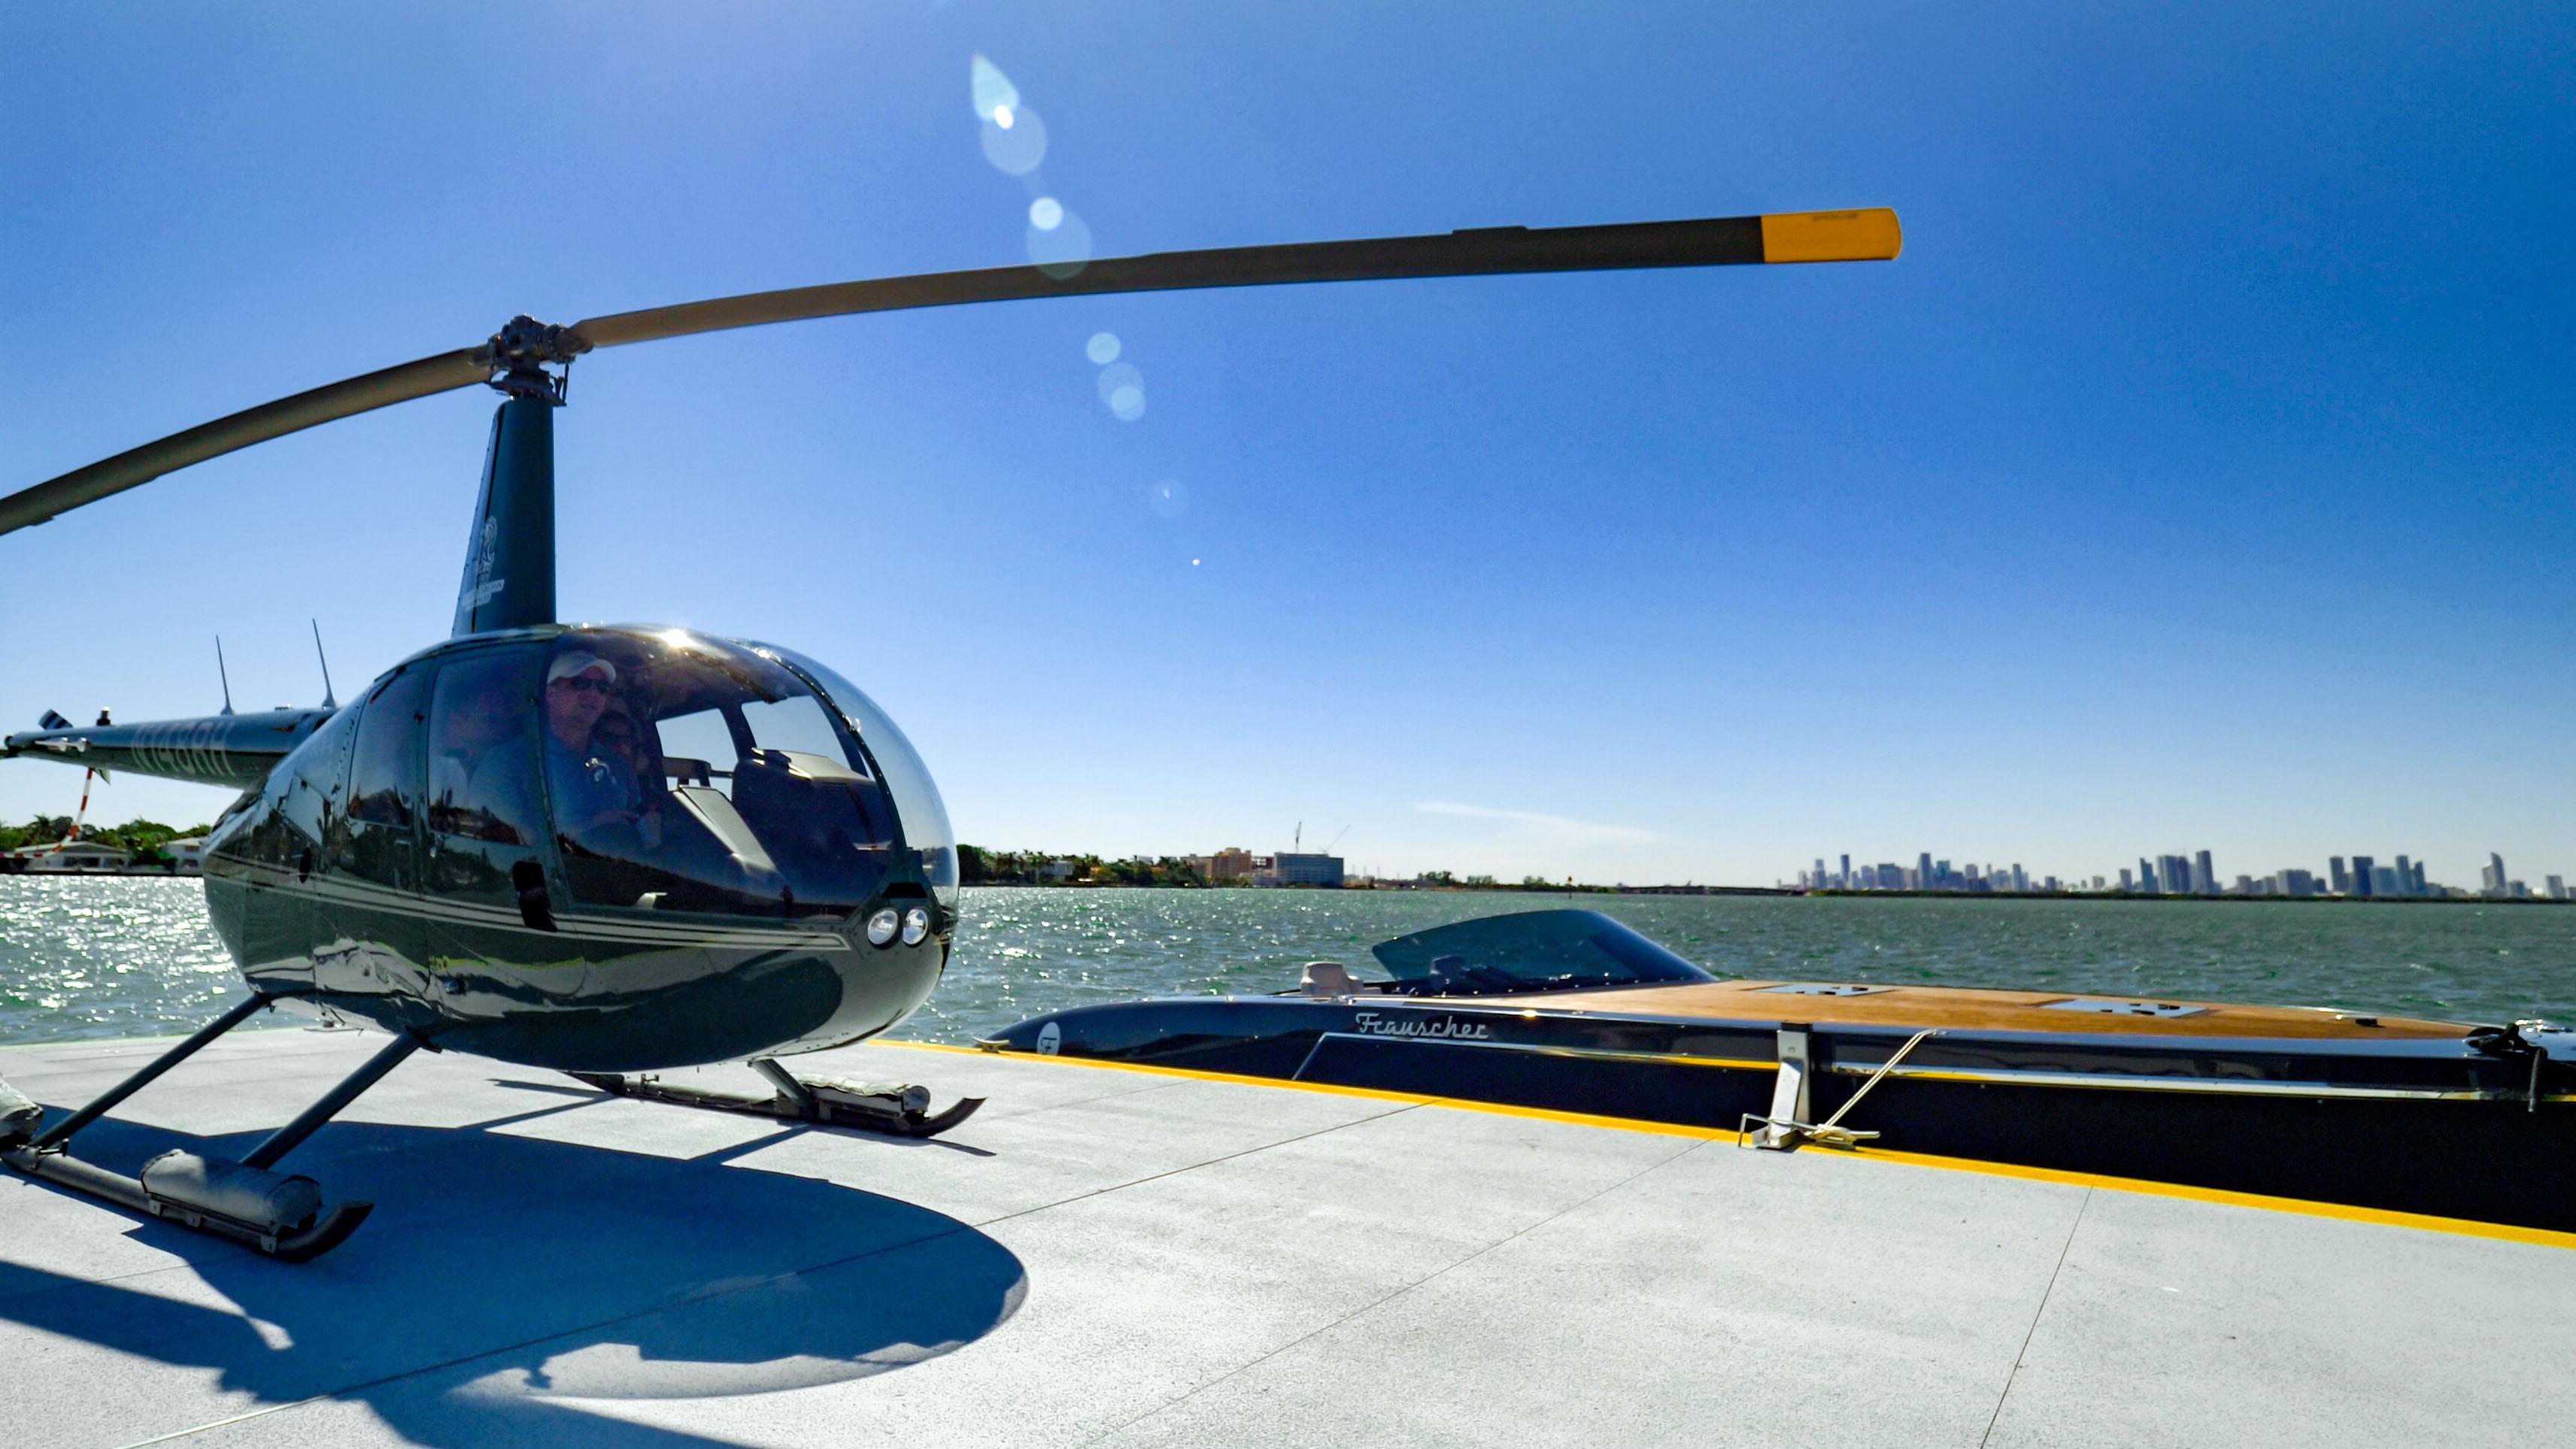 Ritz-Carlton Residences, Miami Beach helicopter helipad